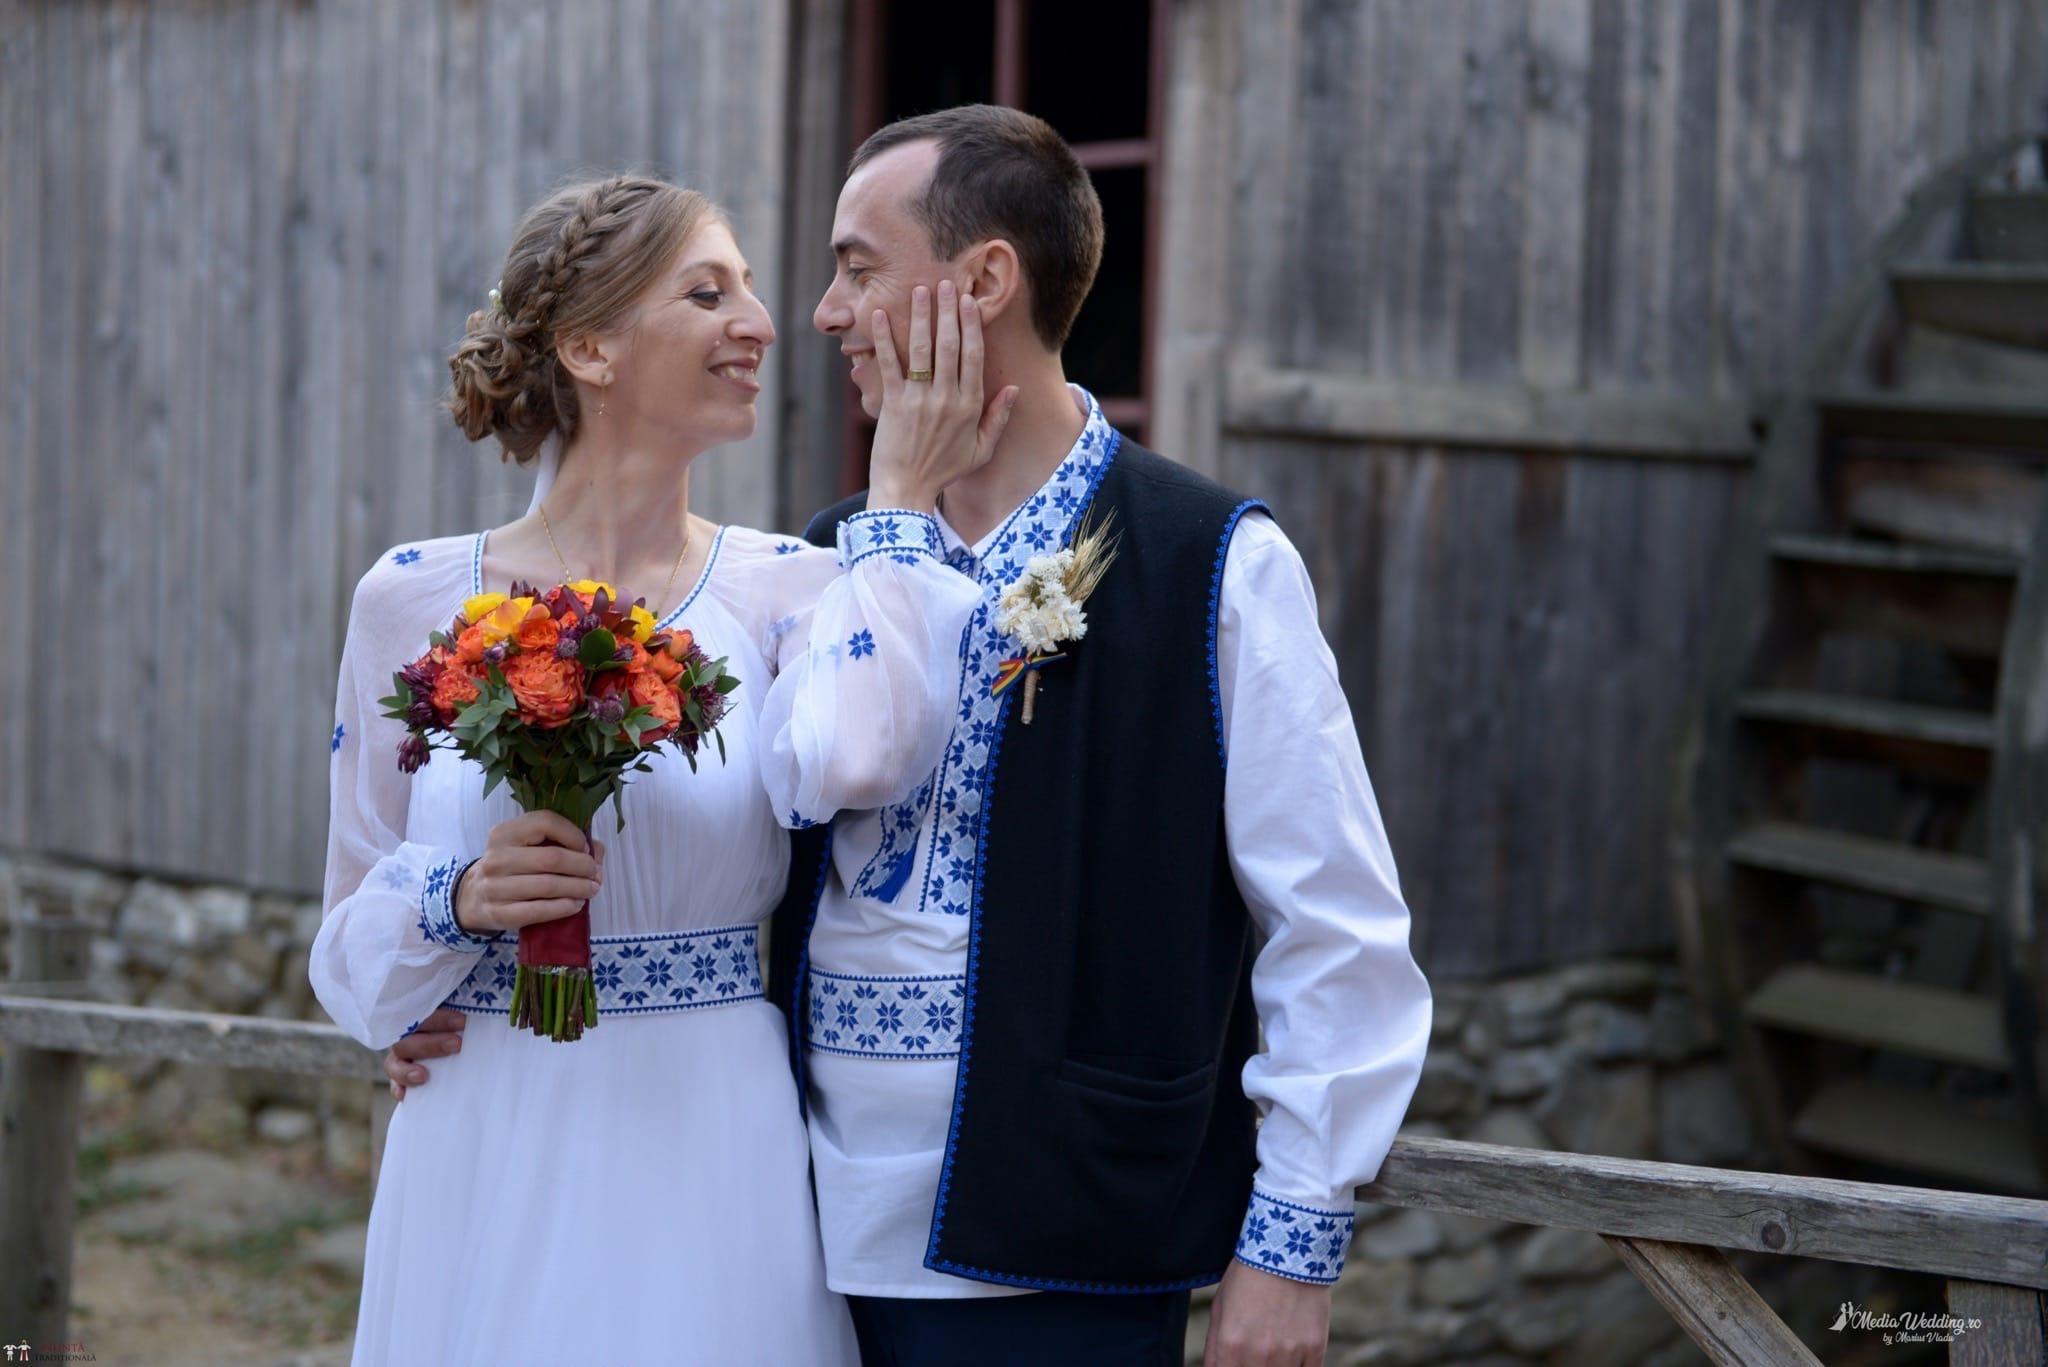 Povești Nunți Tradiționale - Alina-Maria și Ilie, nuntă tradițională în București 28